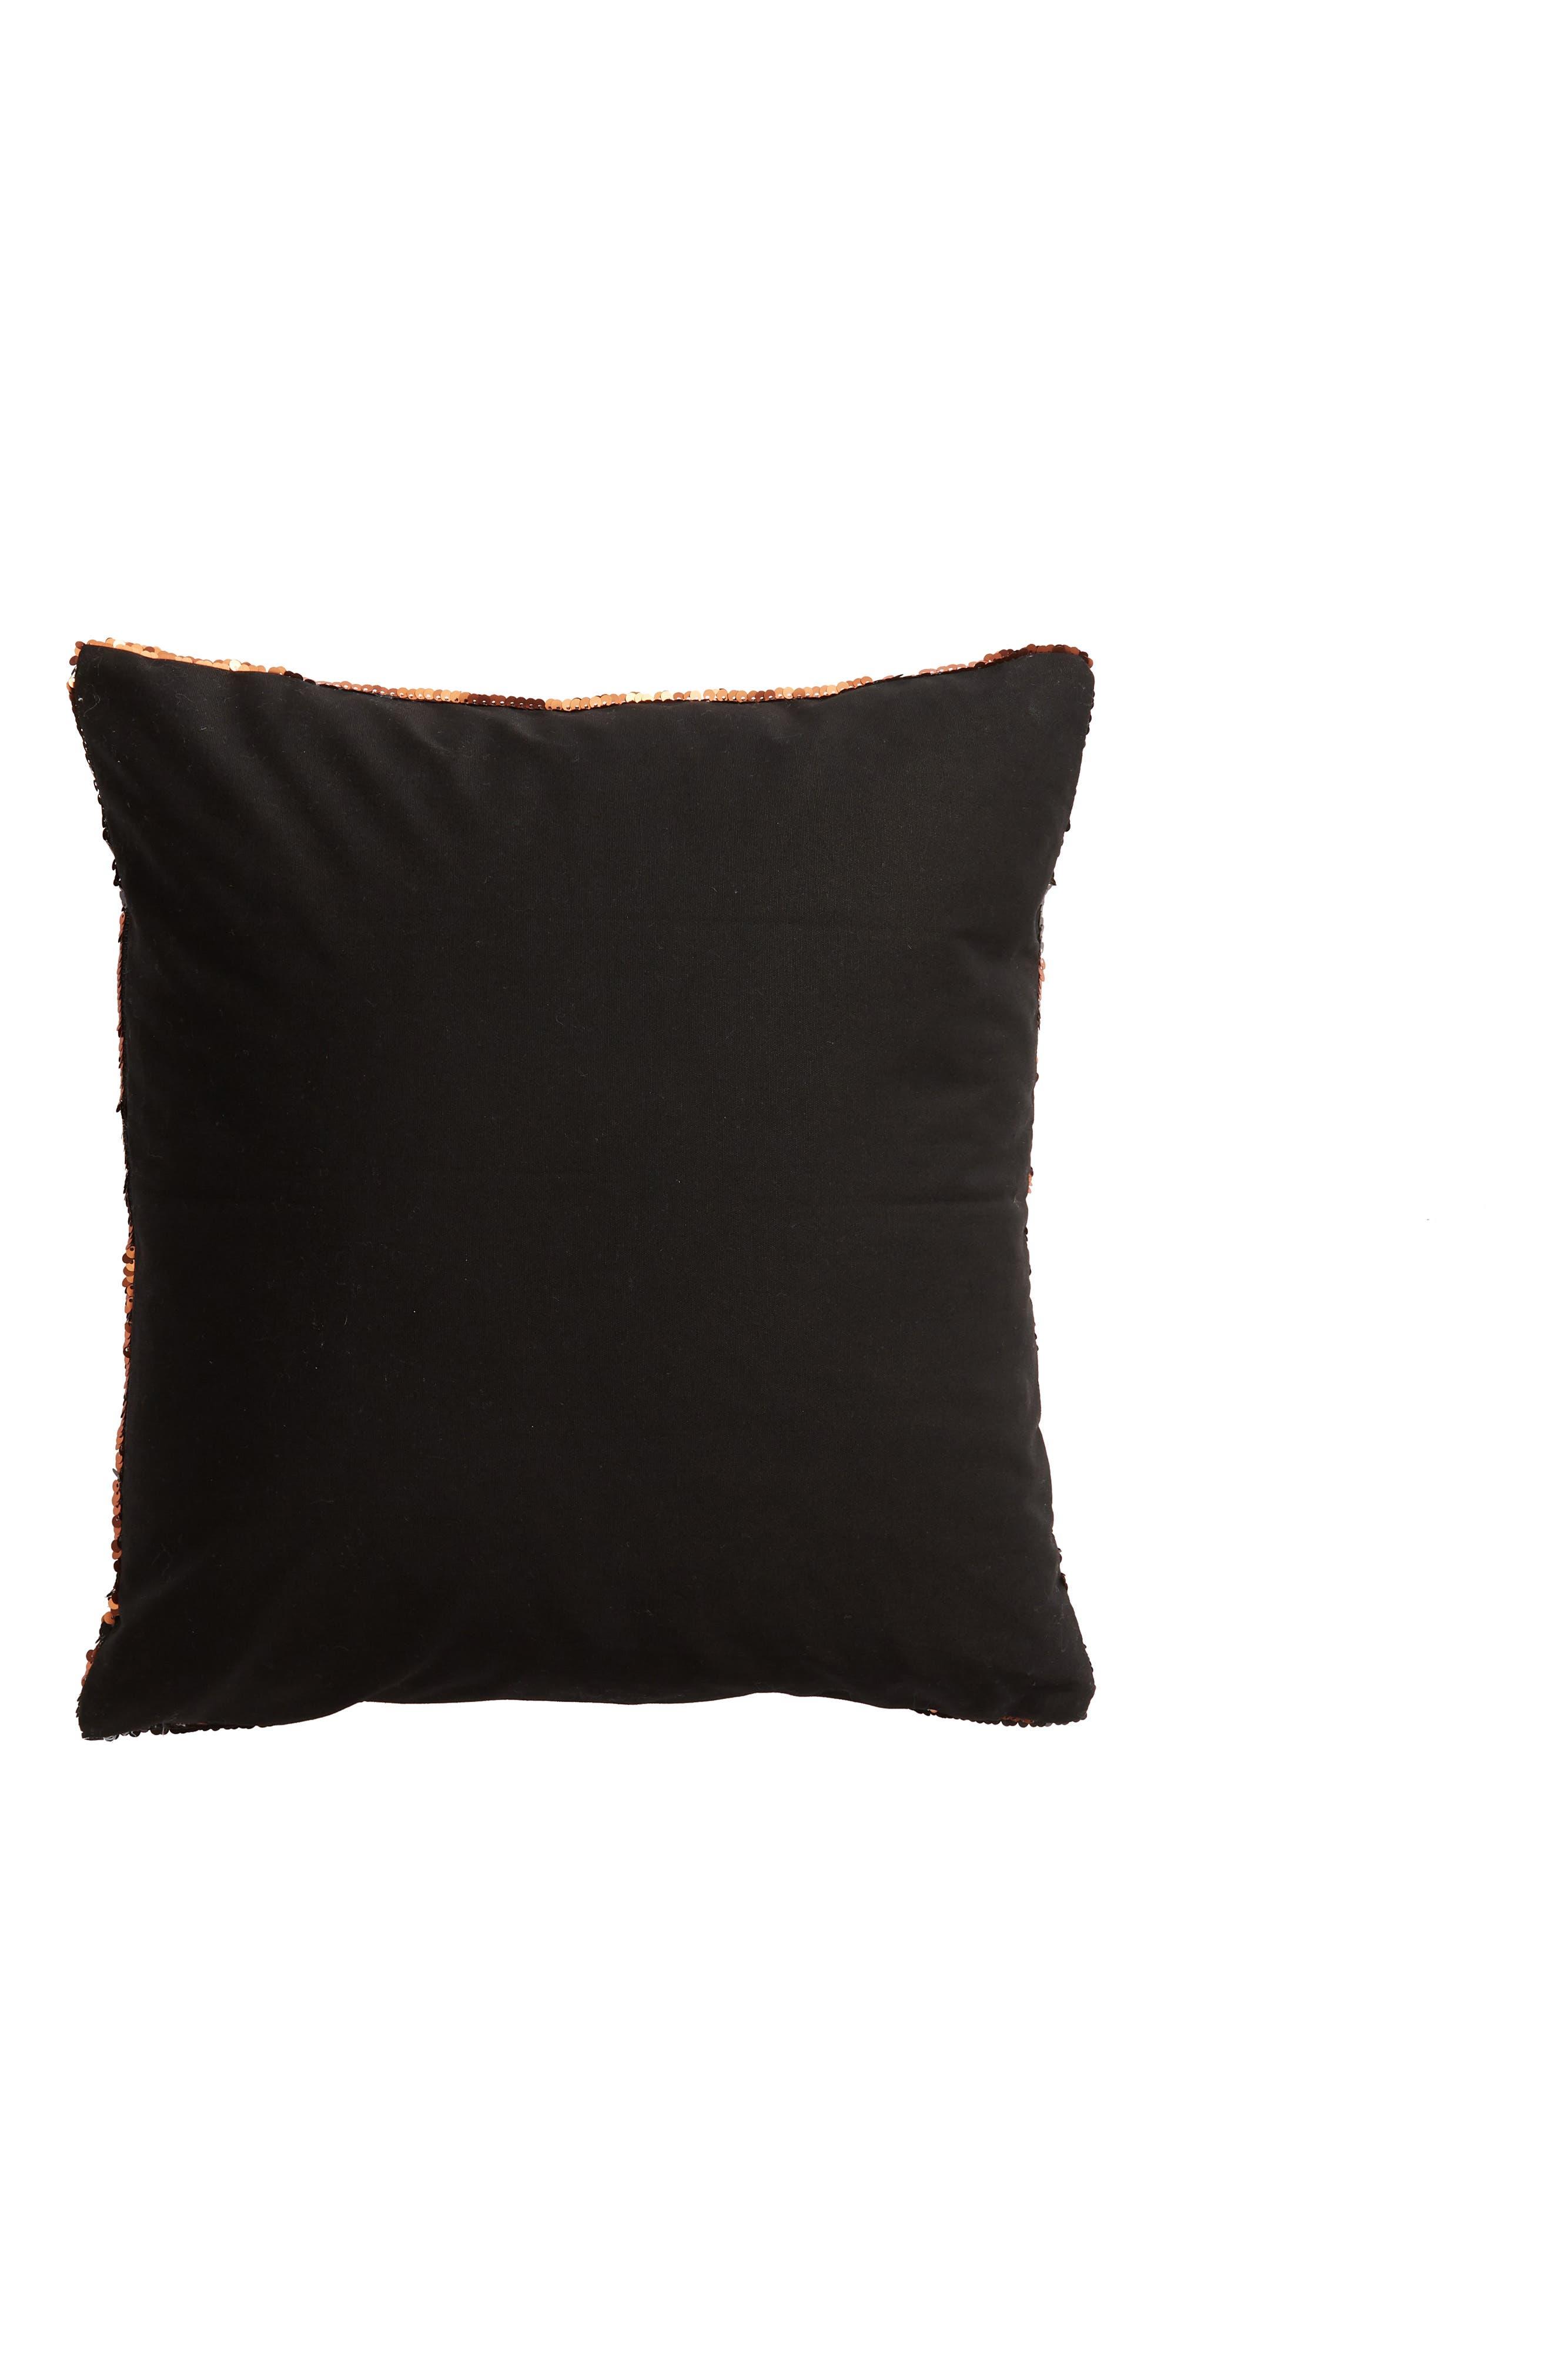 Pumpkin Sequin Accent Pillow,                             Alternate thumbnail 2, color,                             800